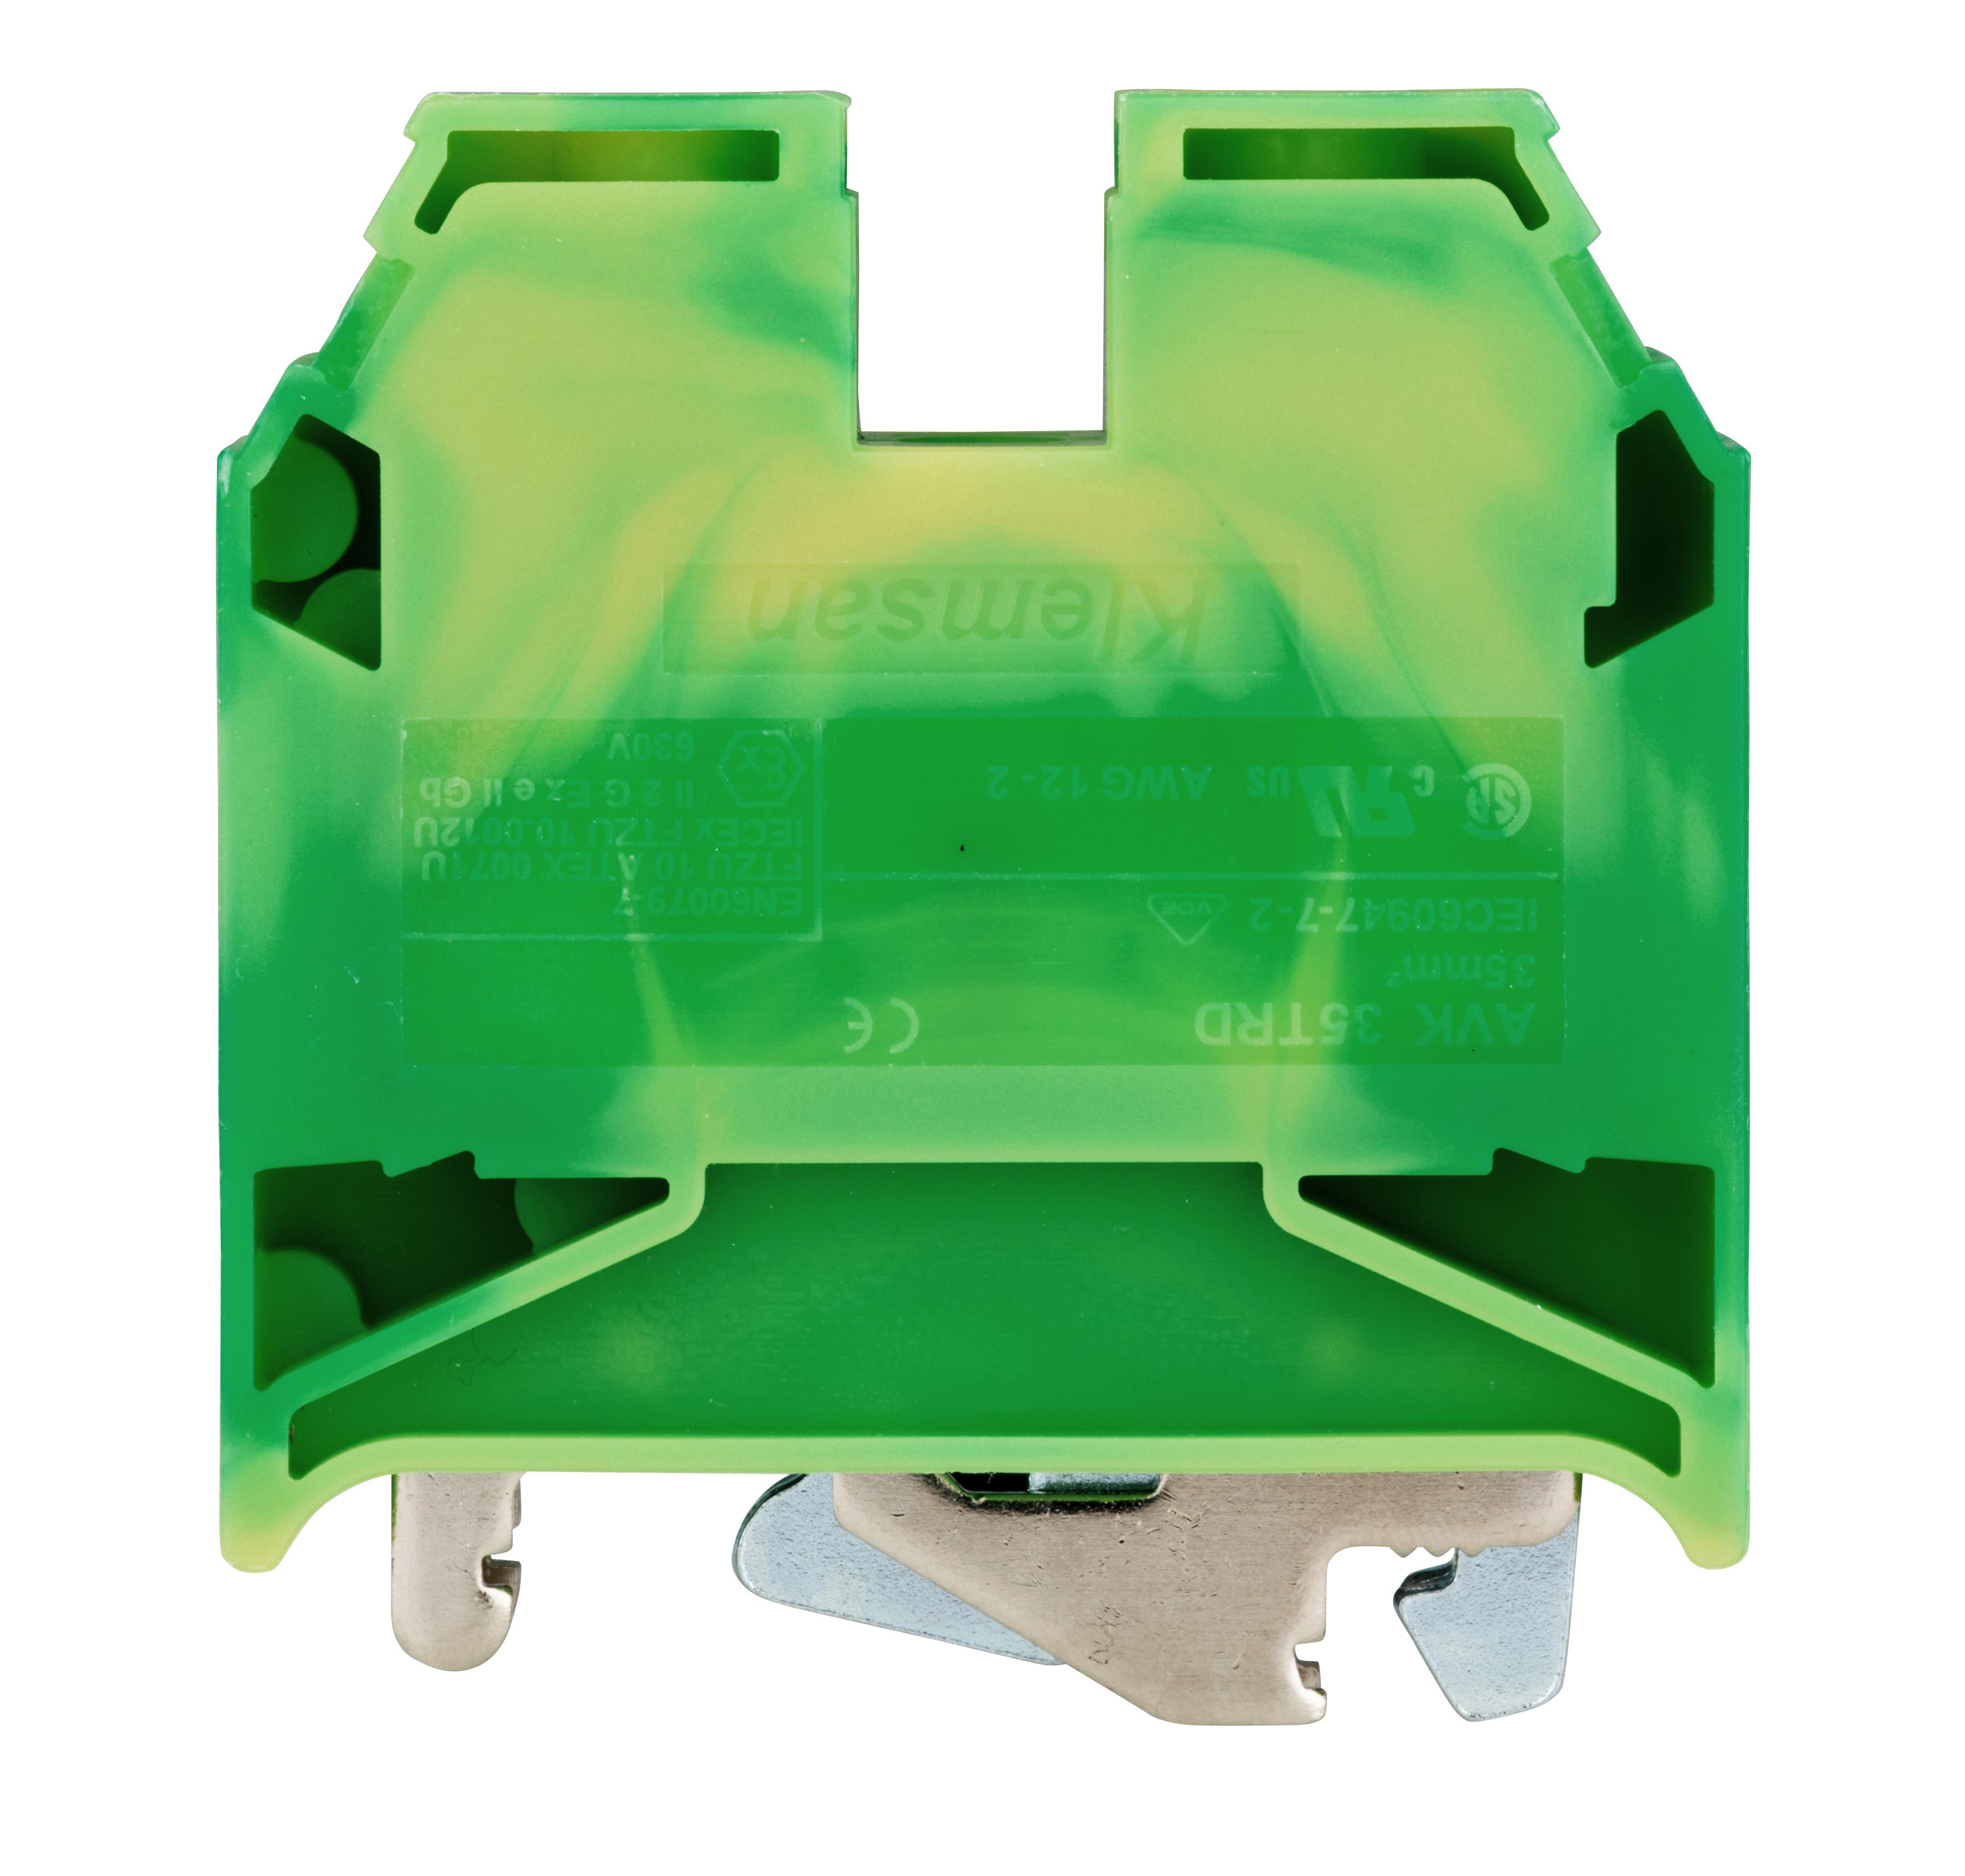 1 Stk Schutzleiterklemme 35mm², Type AVK 35T RD IK622035-A